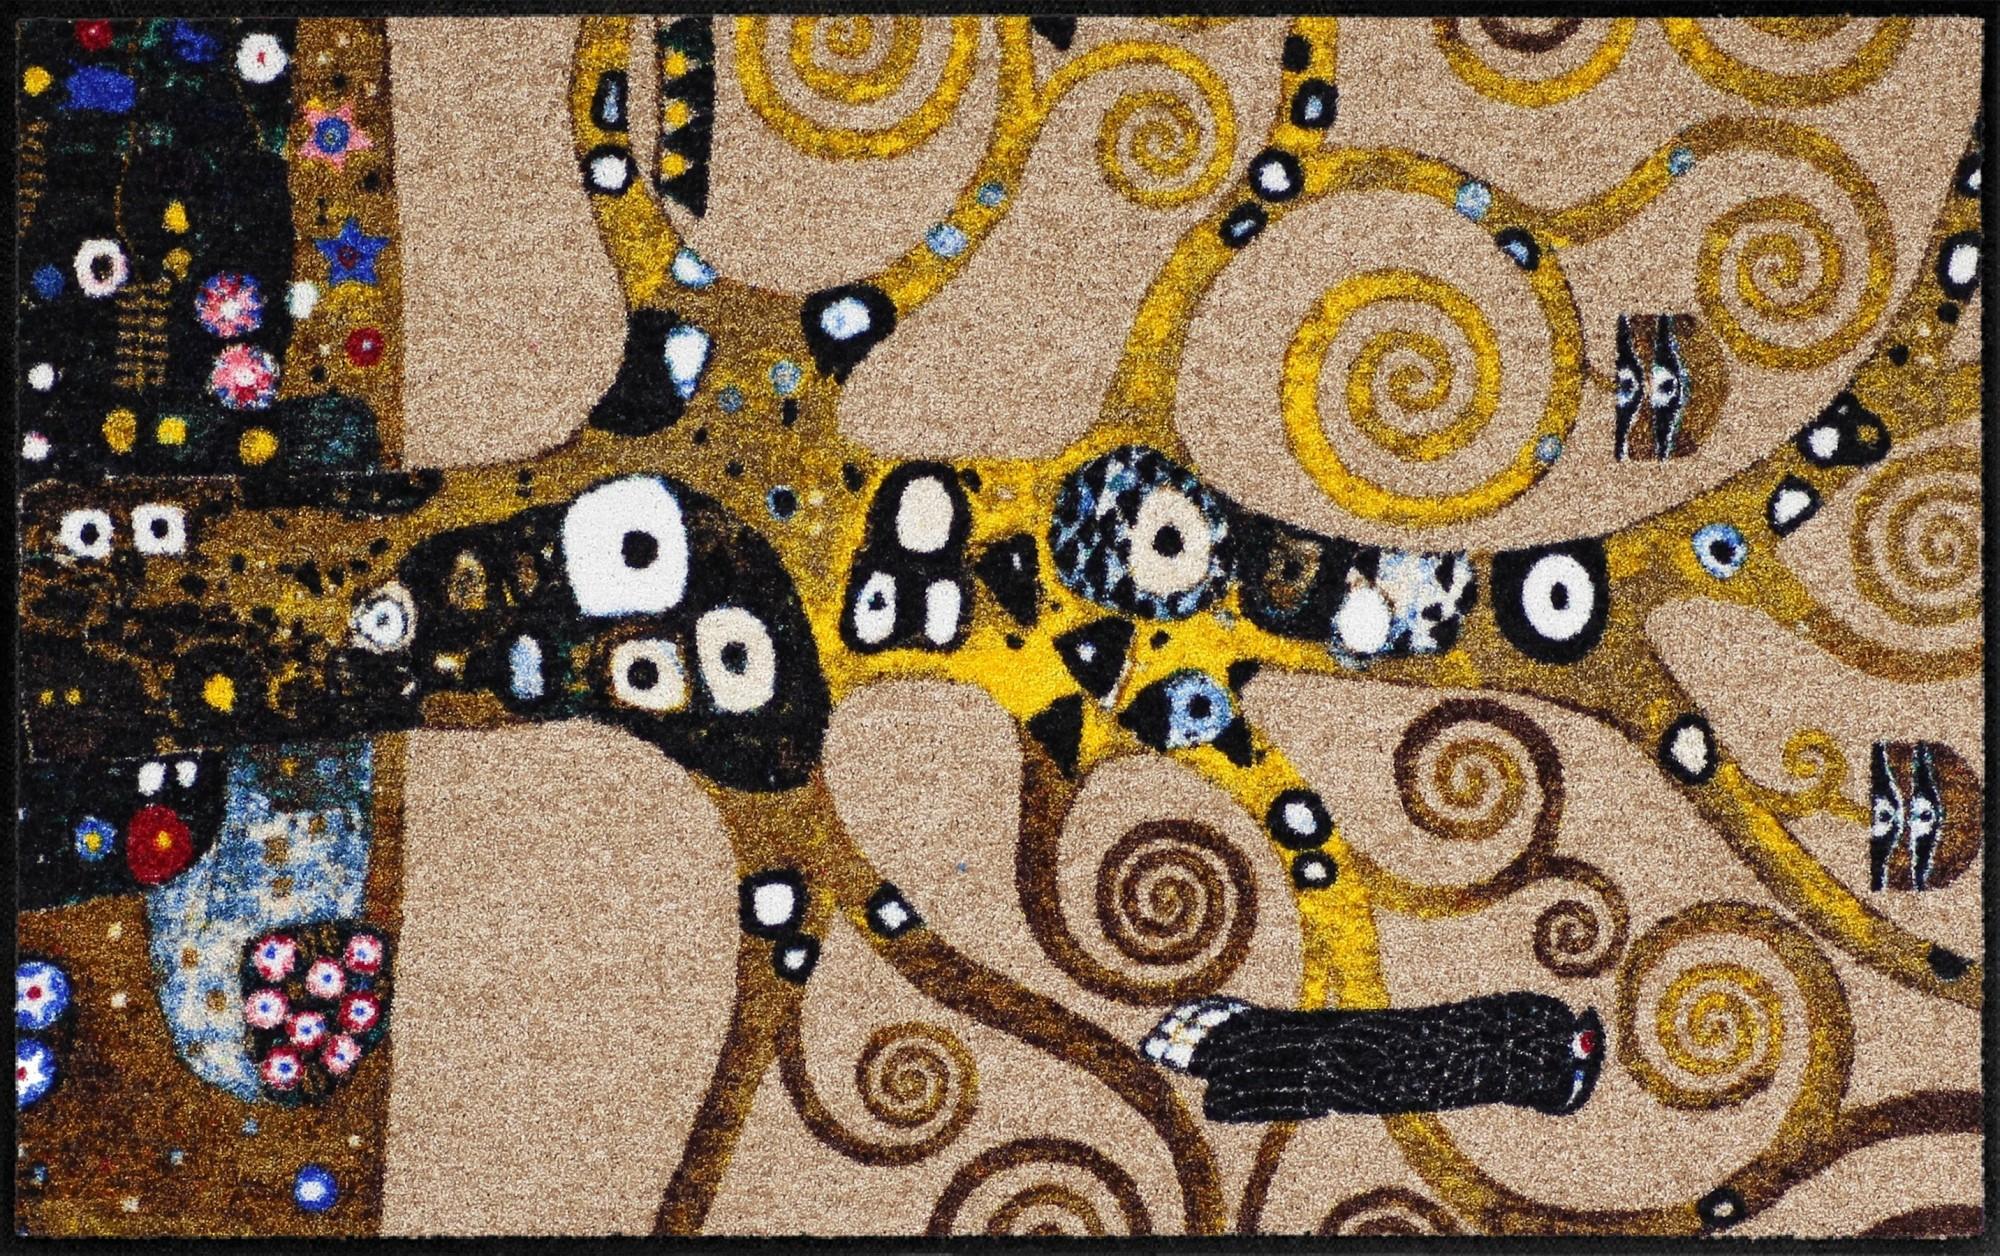 fu matte klimt lebensbaum von gigi banini salonloewe waschbare fu matte. Black Bedroom Furniture Sets. Home Design Ideas